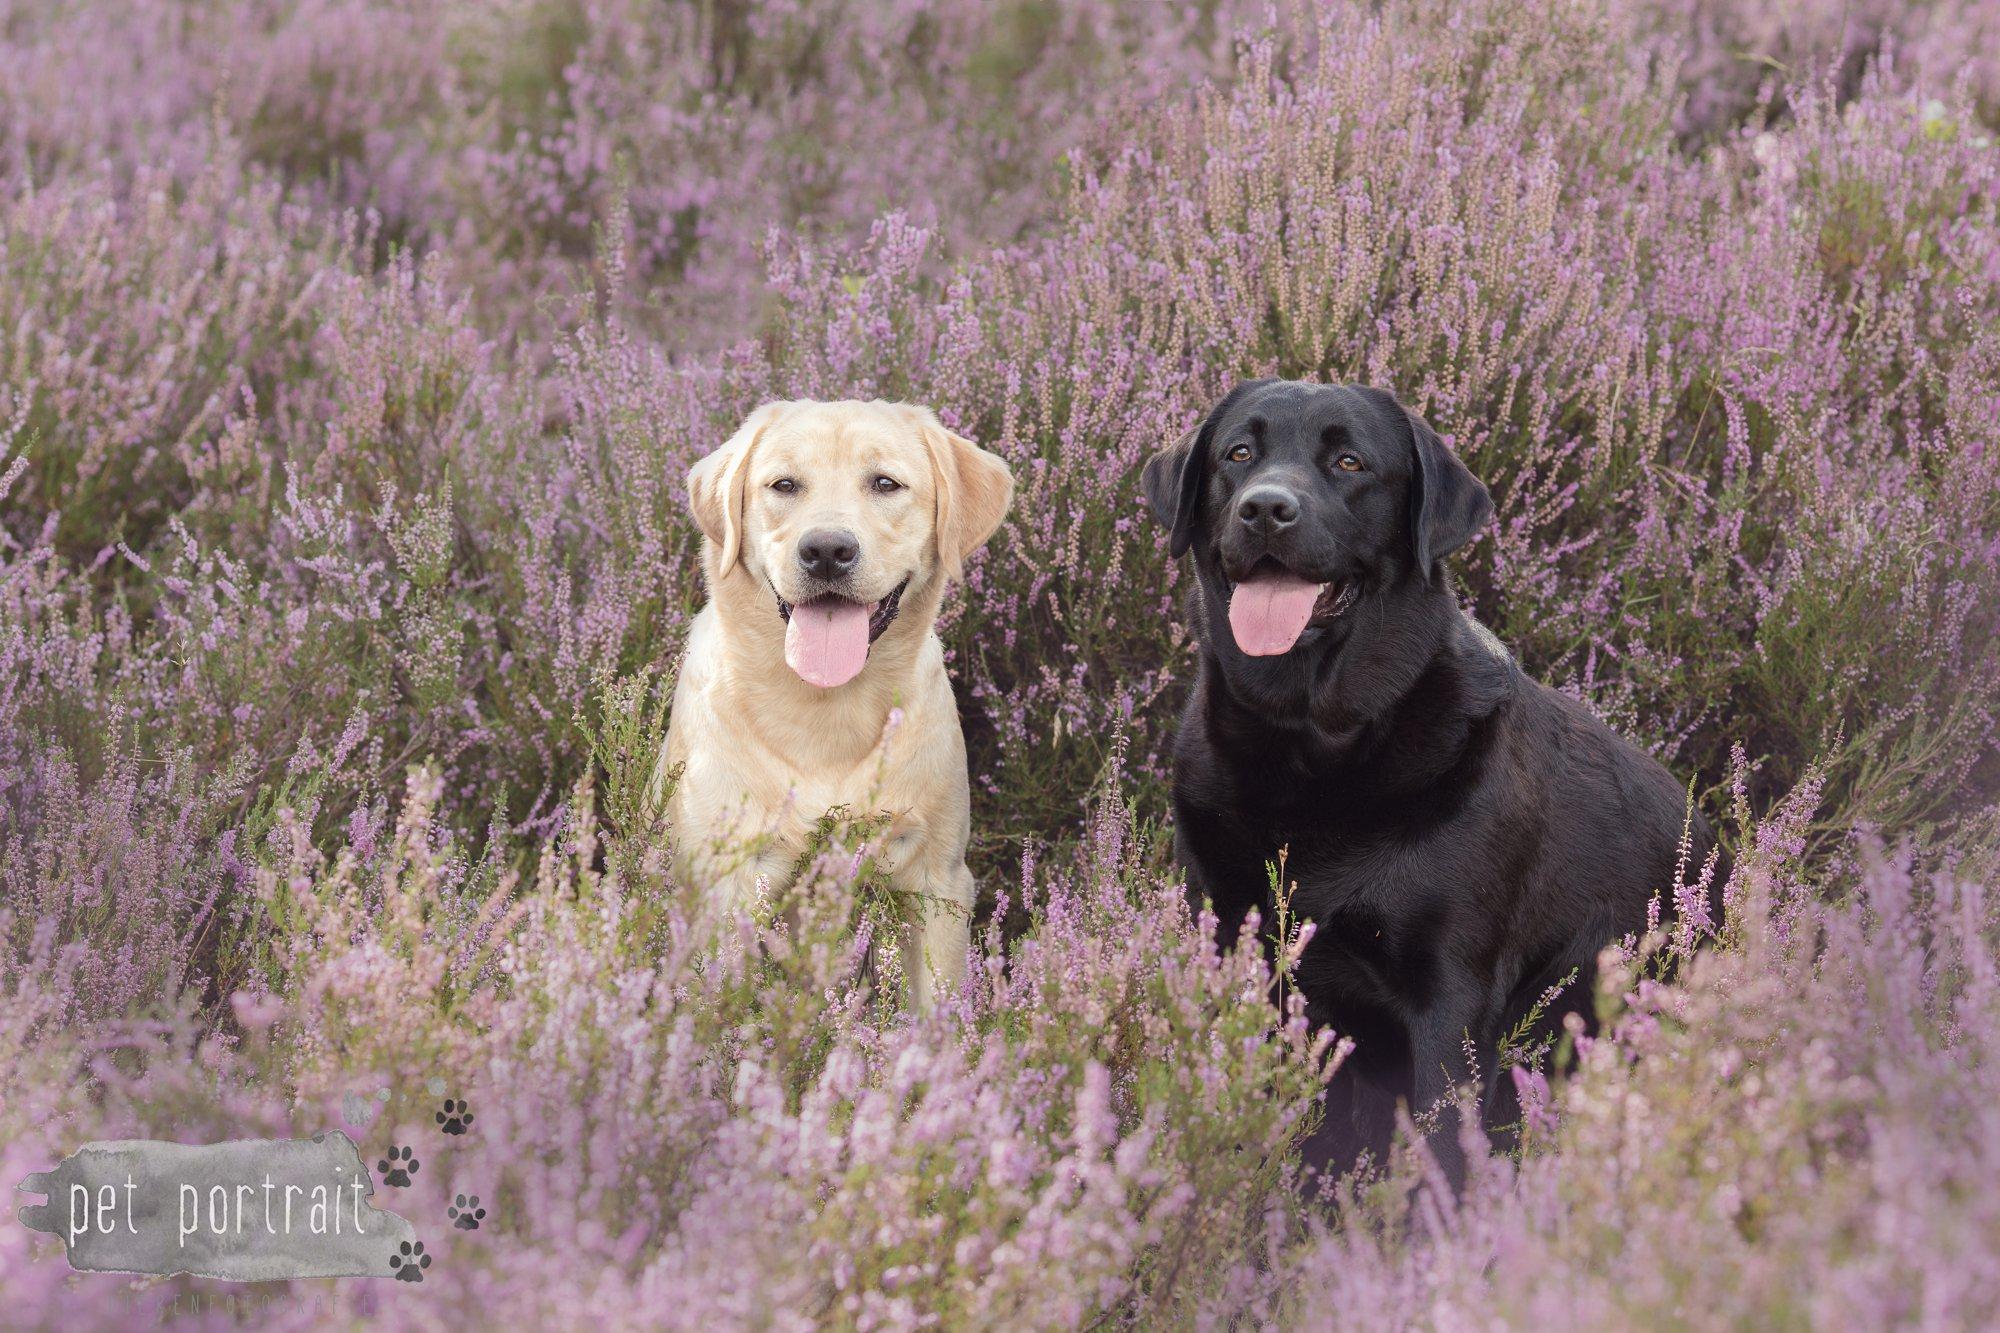 Hondenfotograaf Soest - Labradors Freyja en Juno tussen de heide